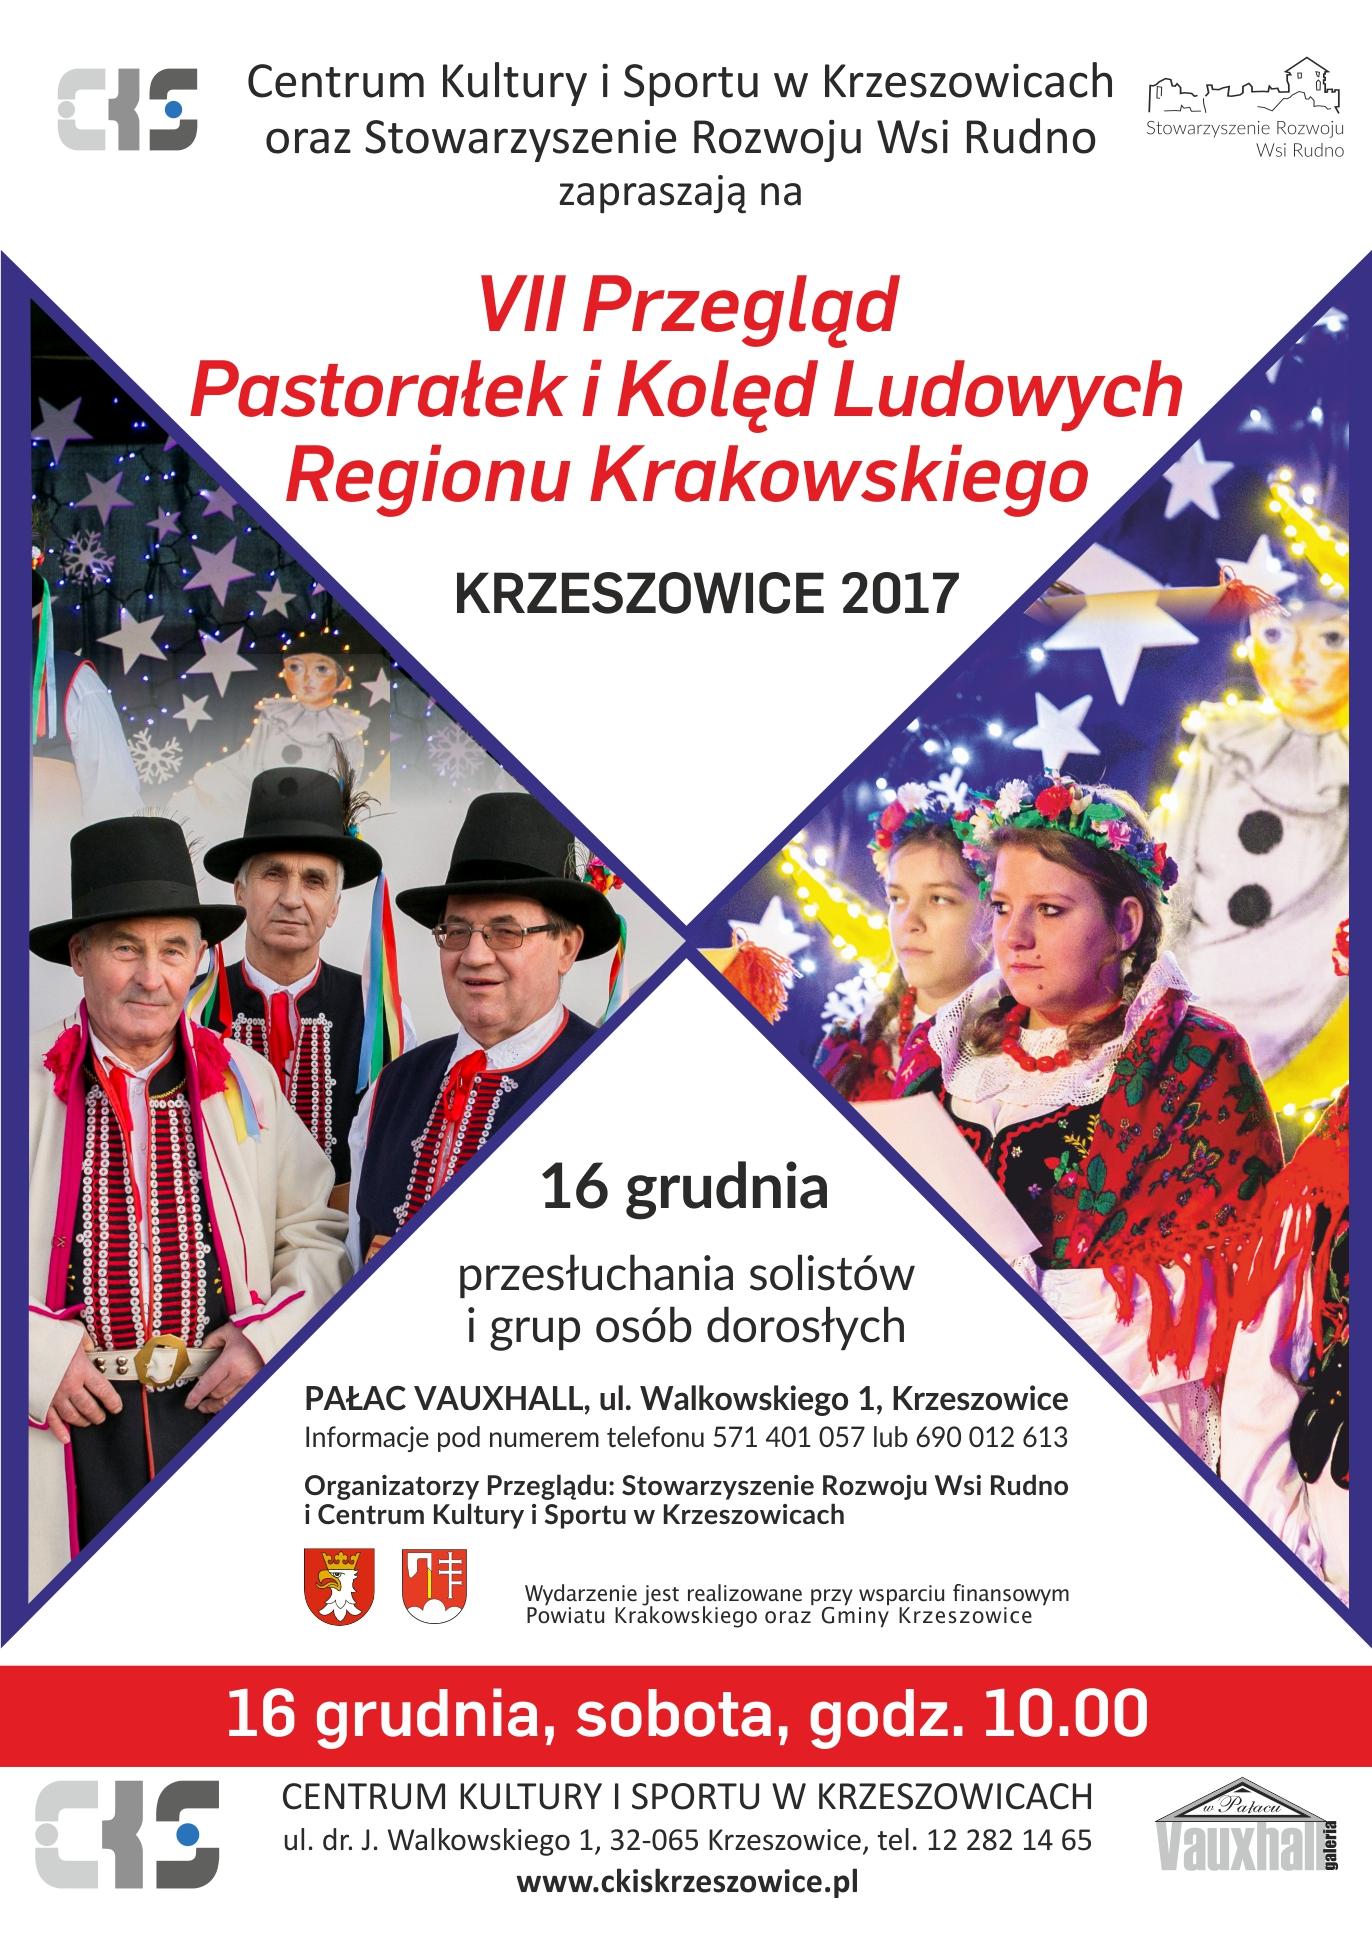 VII Przegląd Pastorałek i Kolęd Ludowych Regionu Krakowskiego @ Pałac Vauxhall | małopolskie | Polska